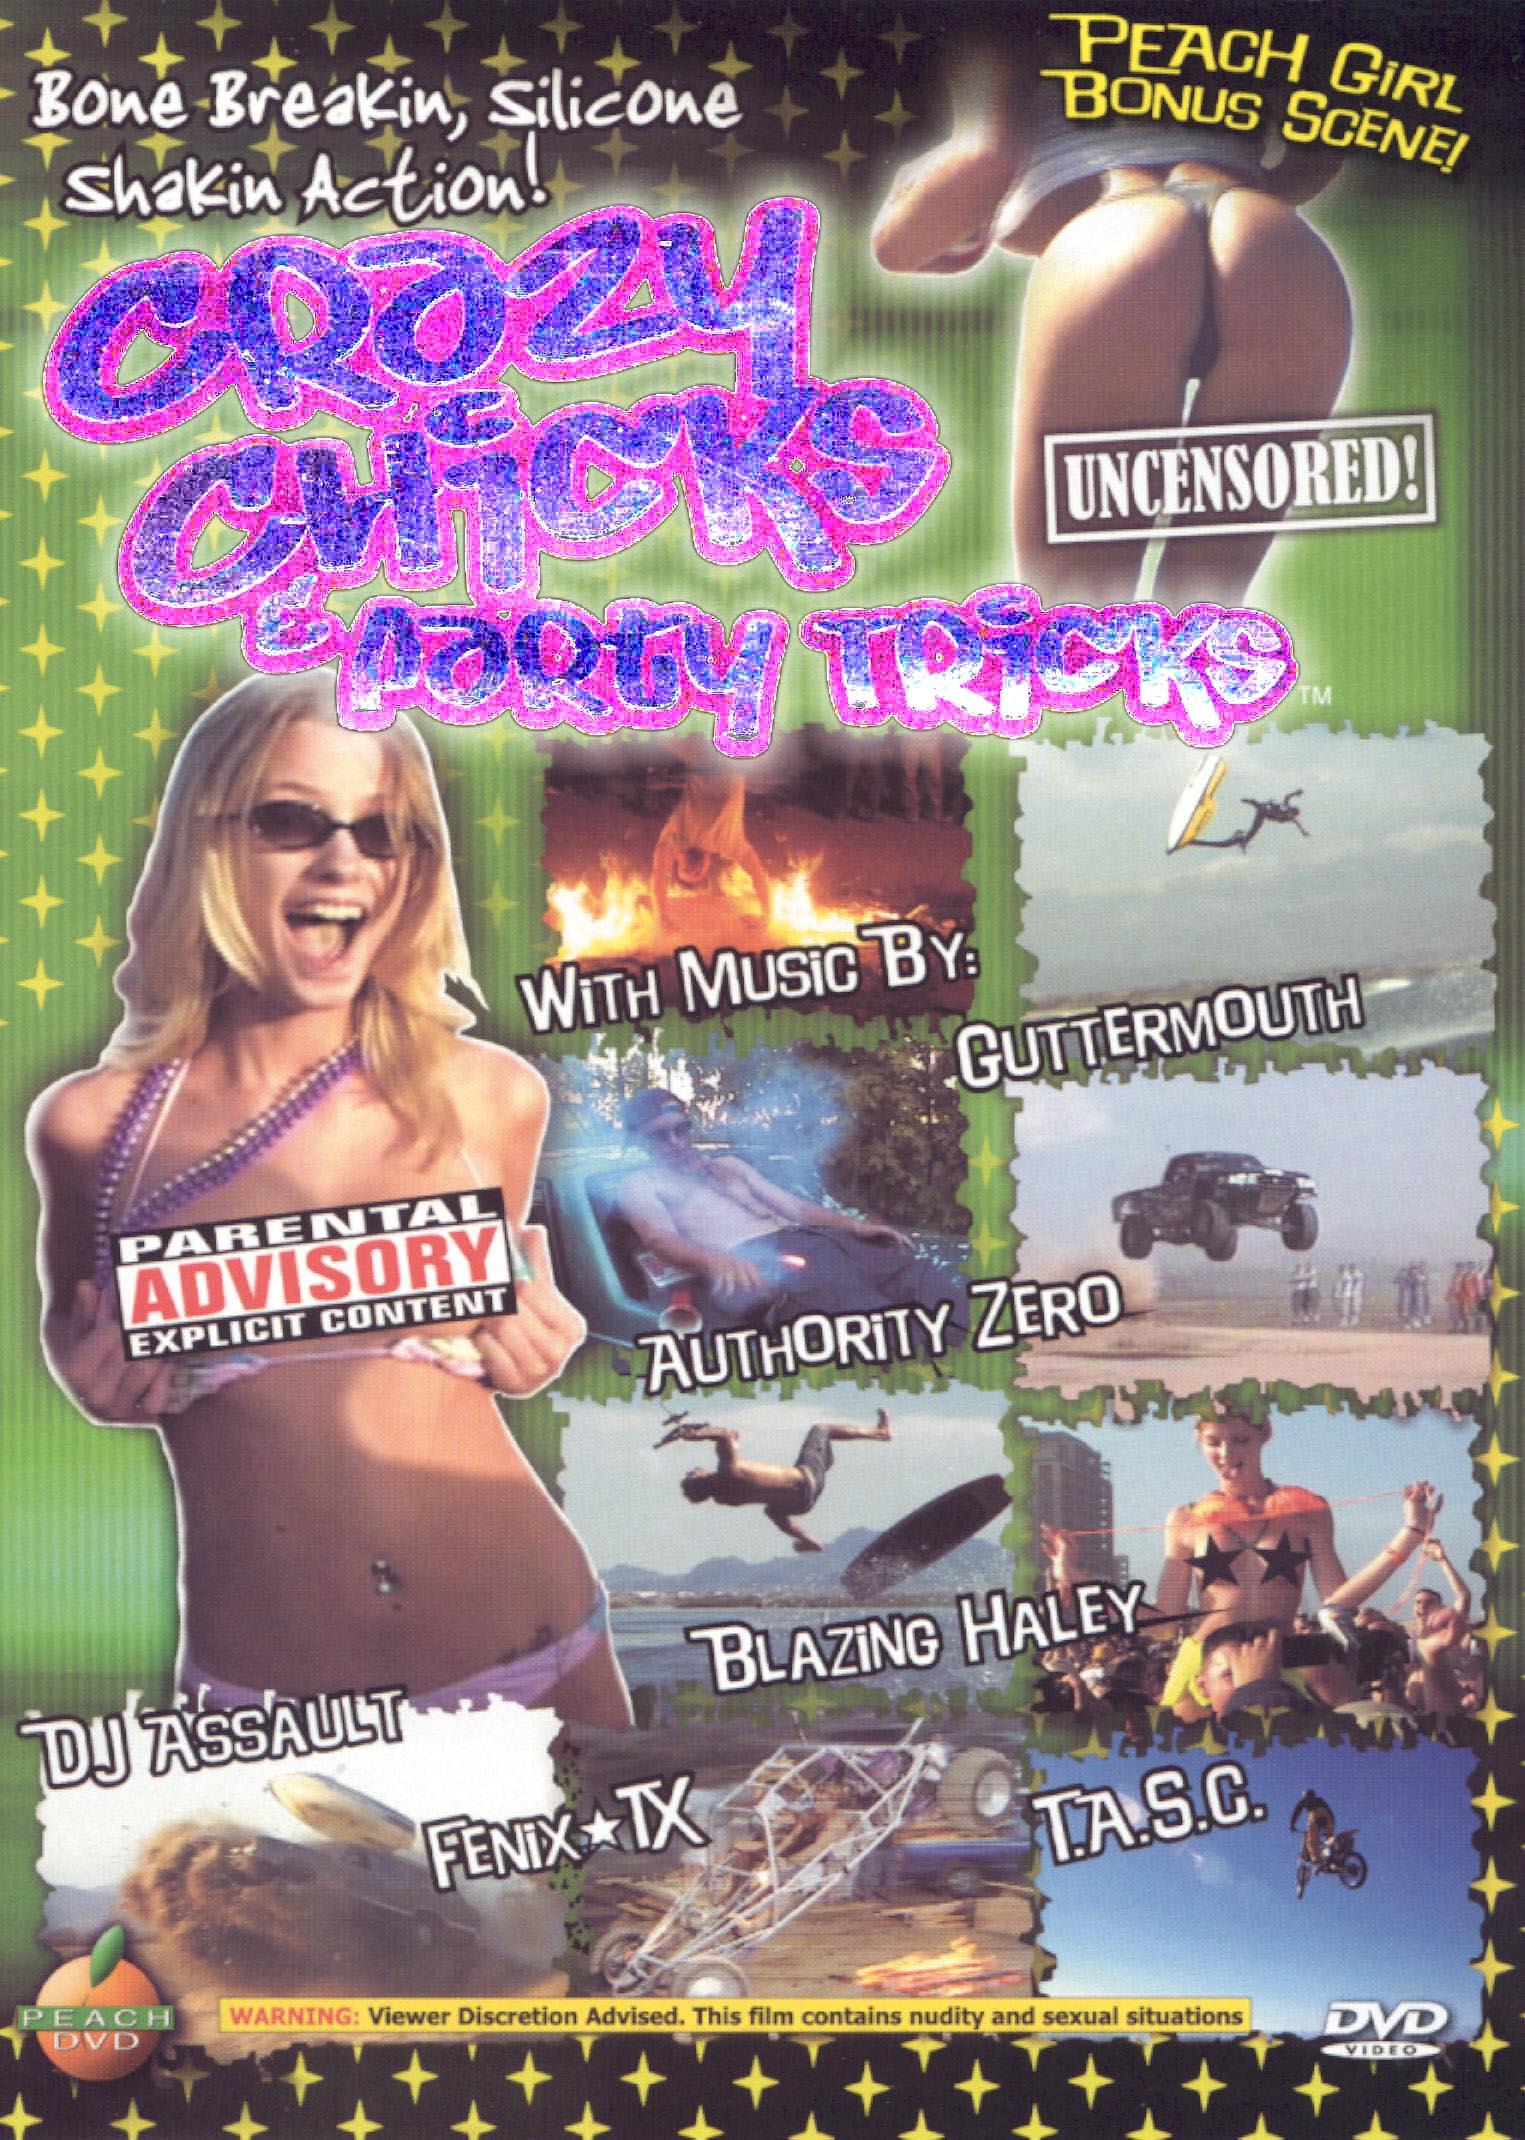 Crazy Chicks & Party Tricks